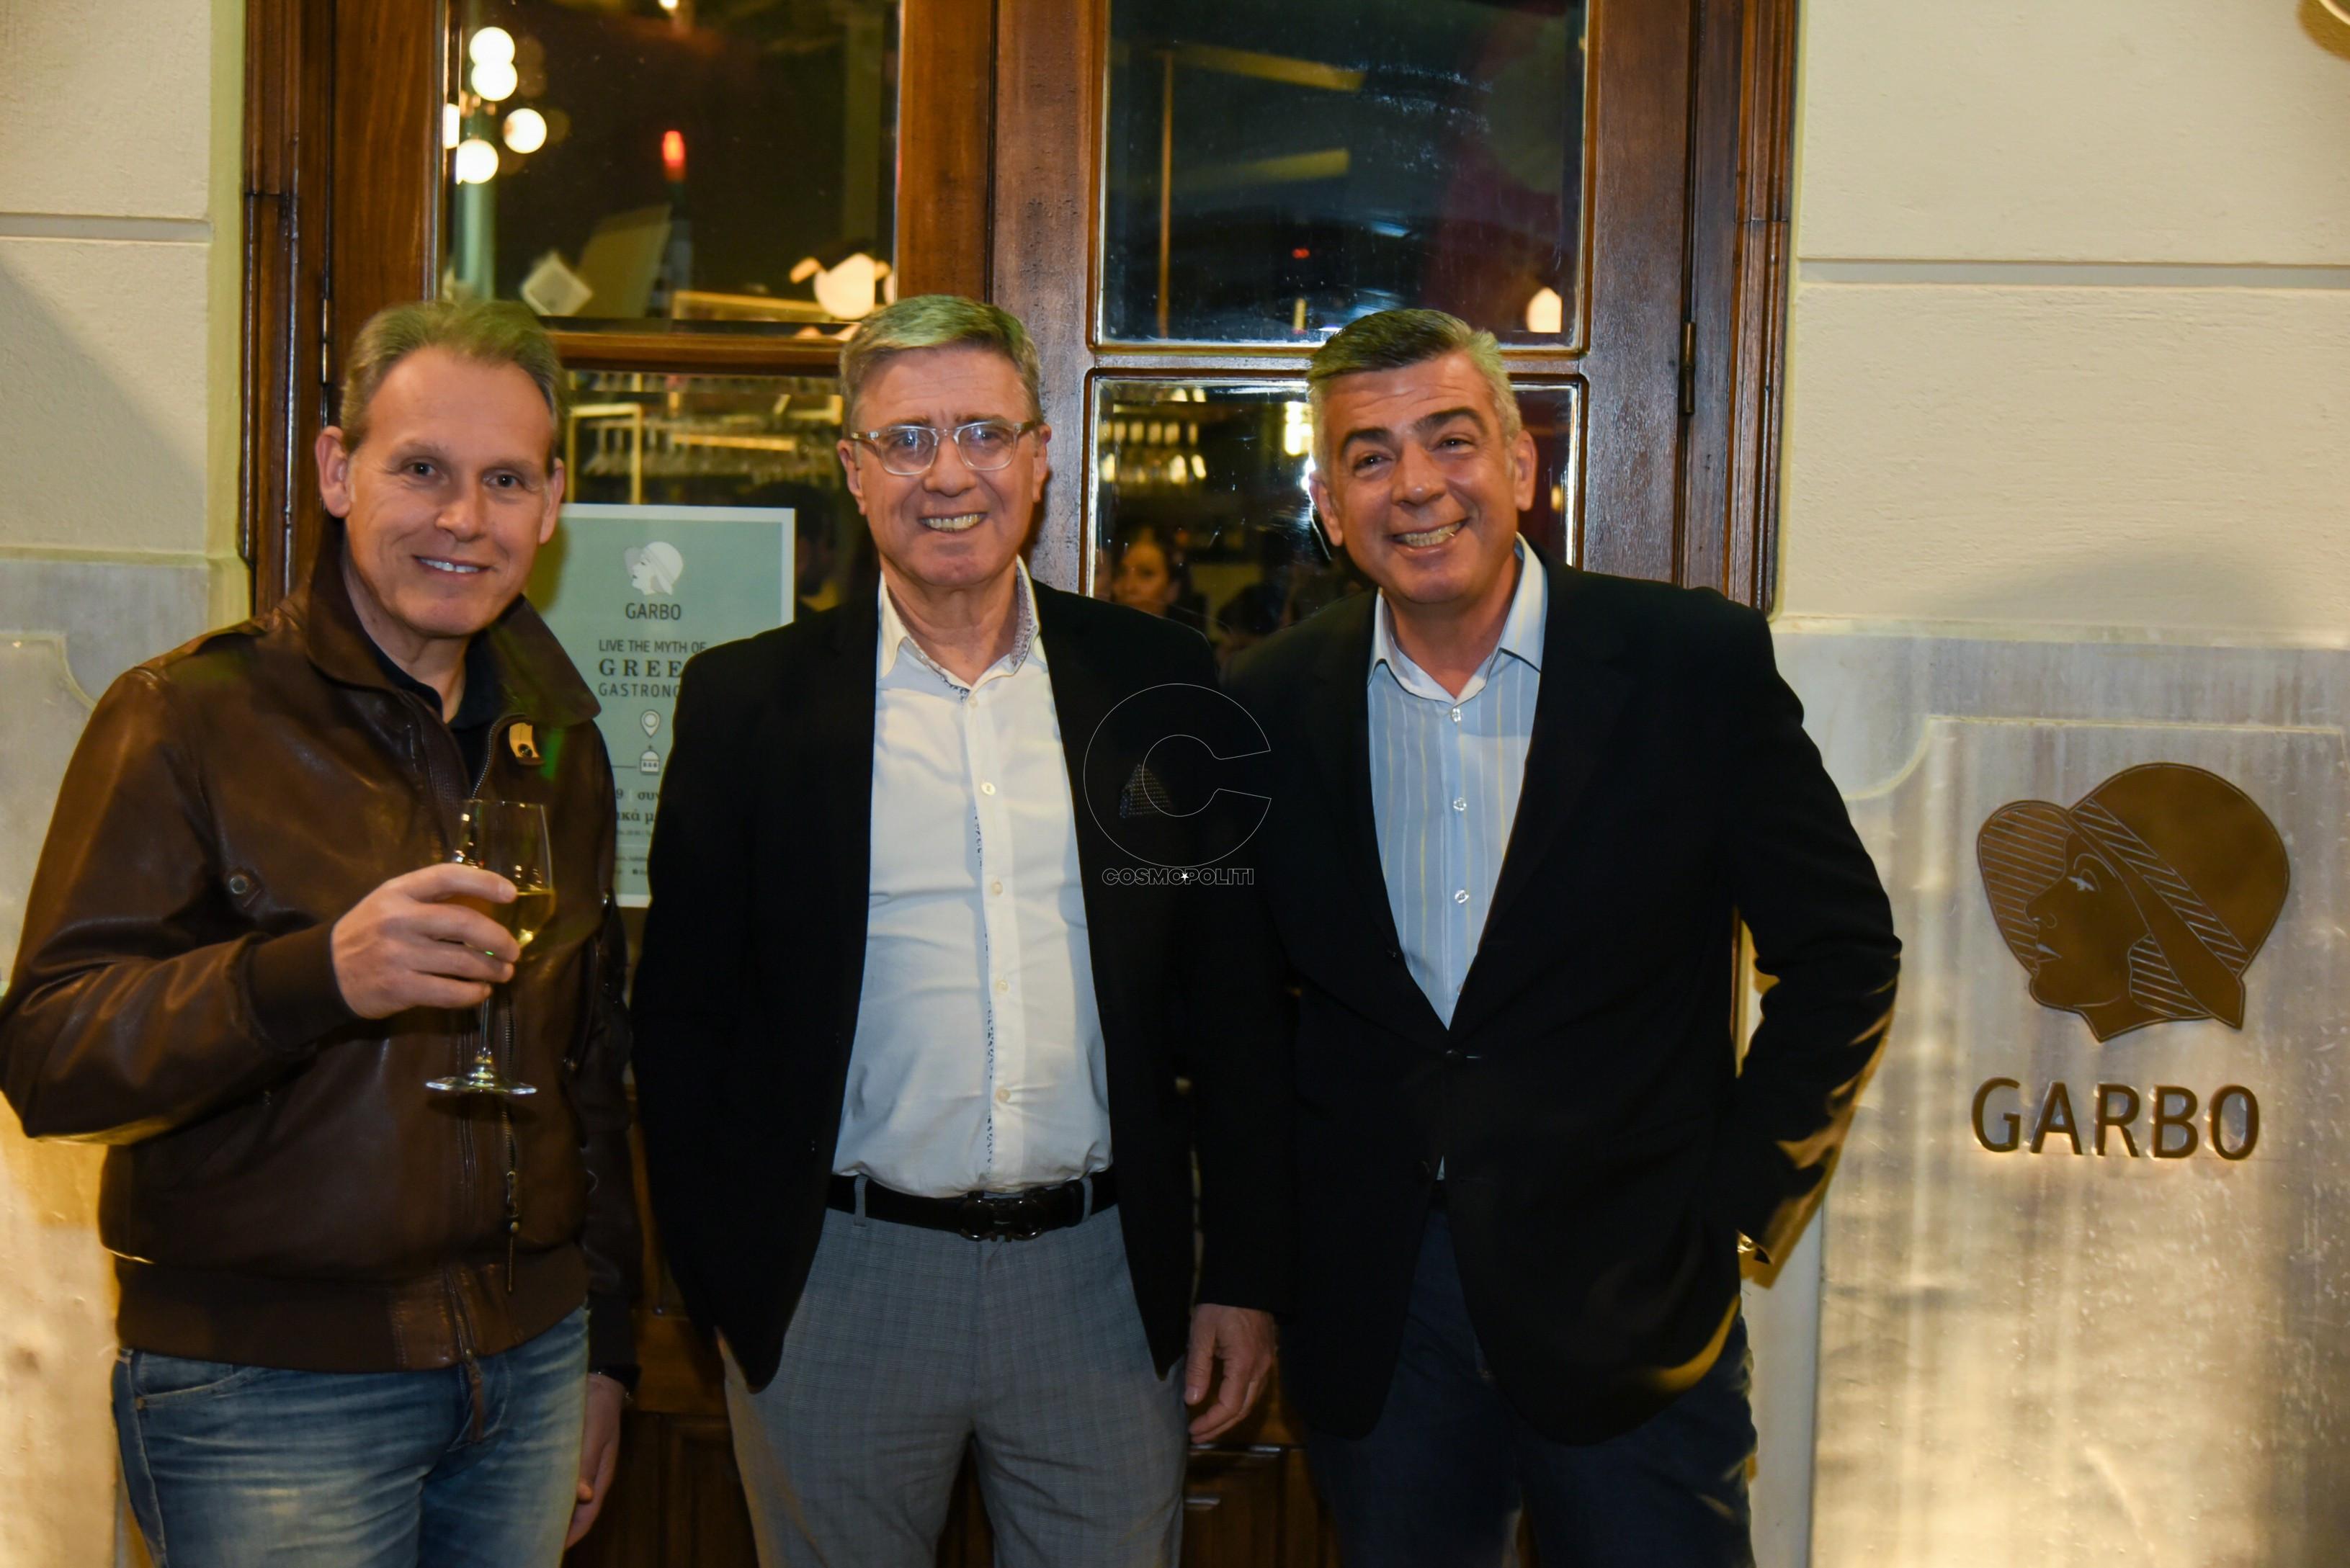 0 Μπάμπης Στυλιανού, Γιάννης Δόβελος, Θανάσης Συρόπουλος